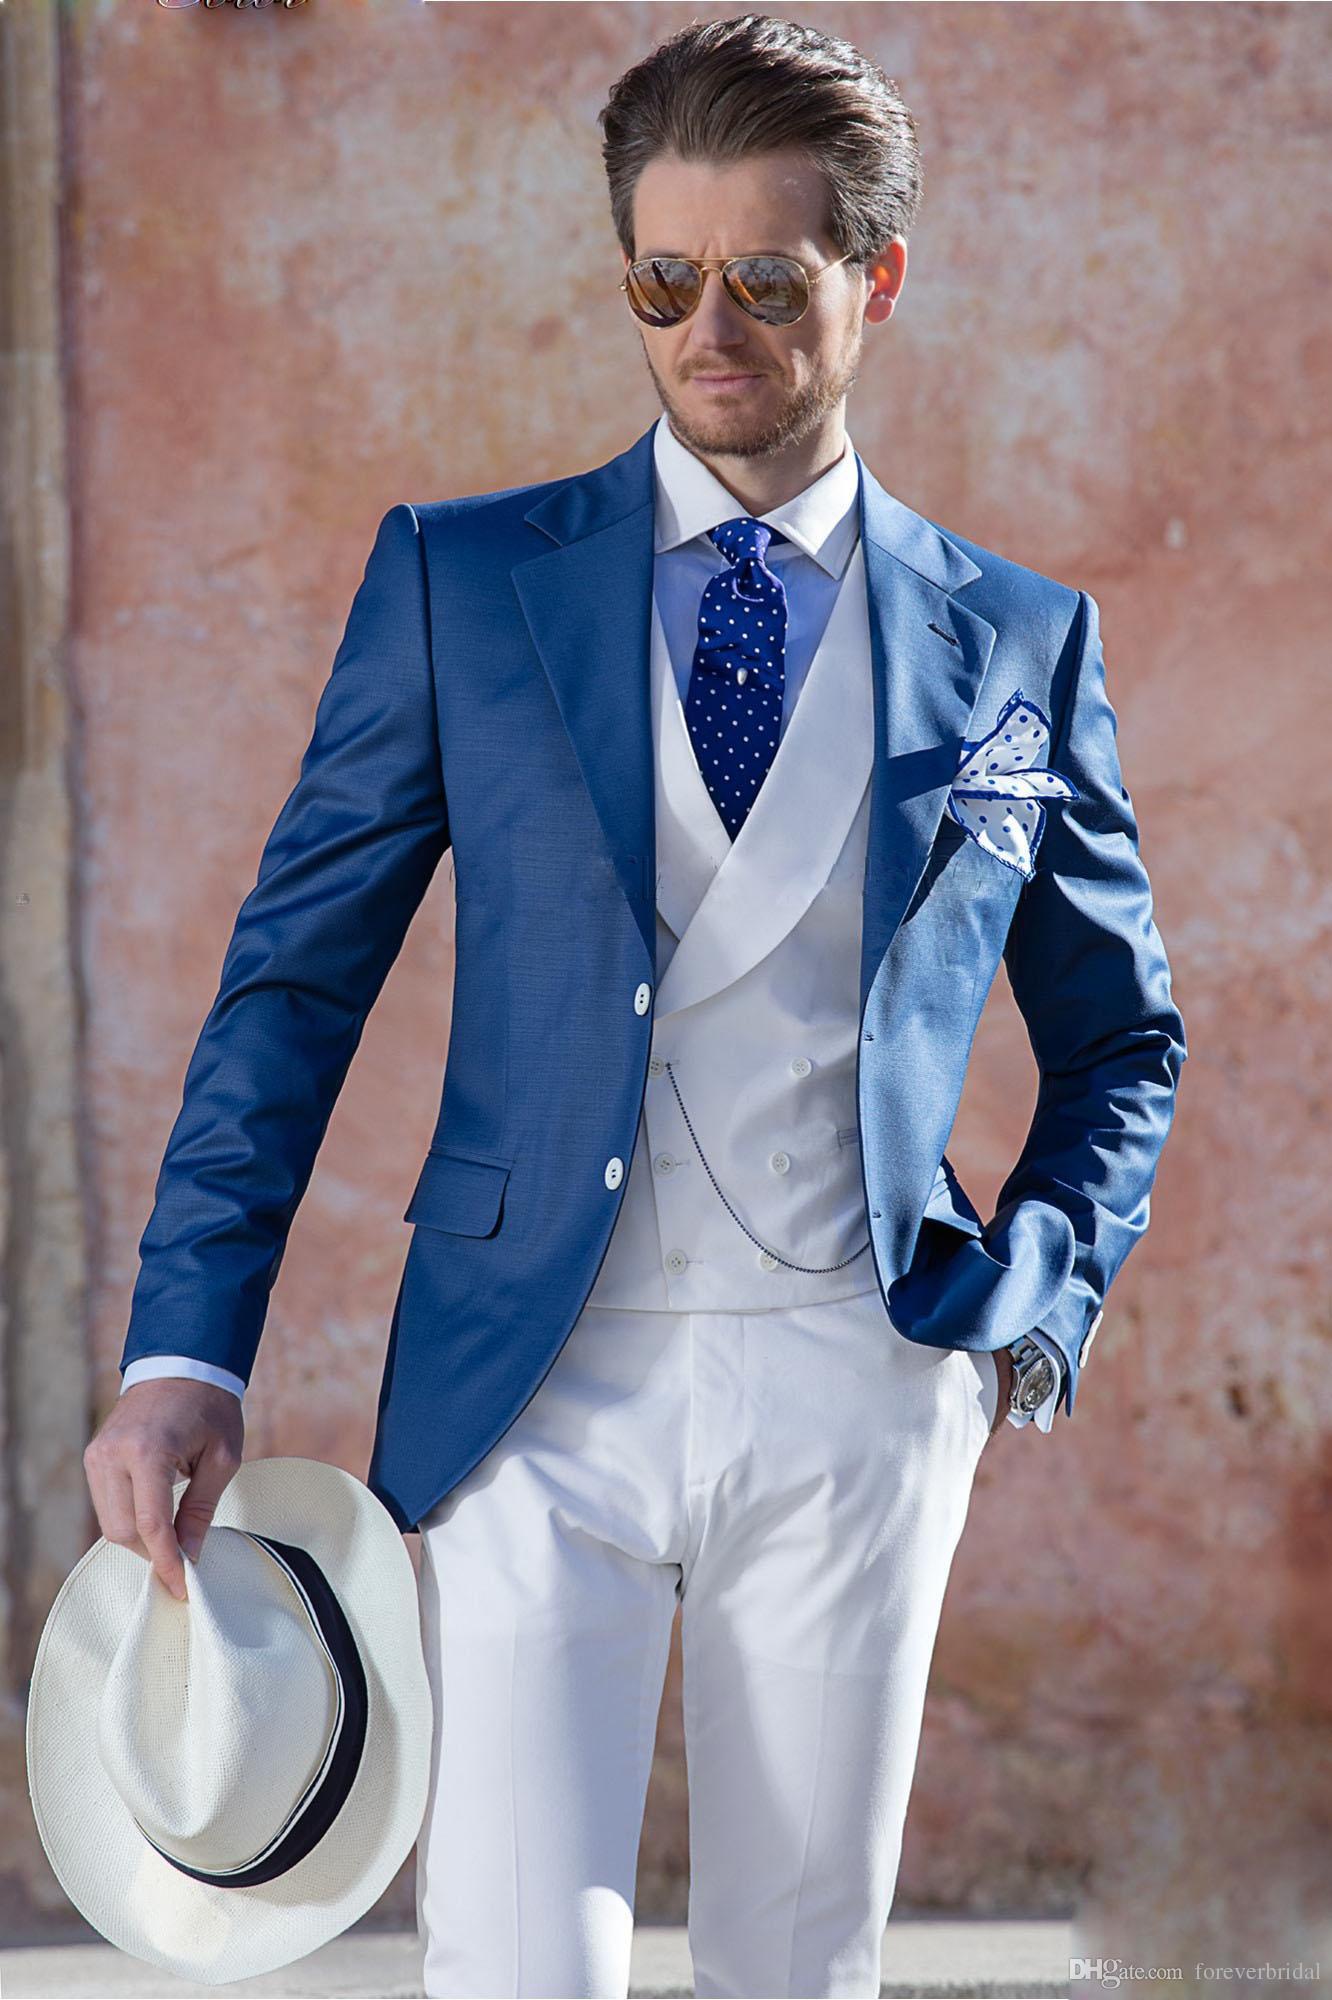 Klassische Art Mens Blazer One Button Königsblau Polyseter Material 1 Stück pro Opp Tasche Eine Jacke für den Herbst, gute Qualität Hochzeit Blazer